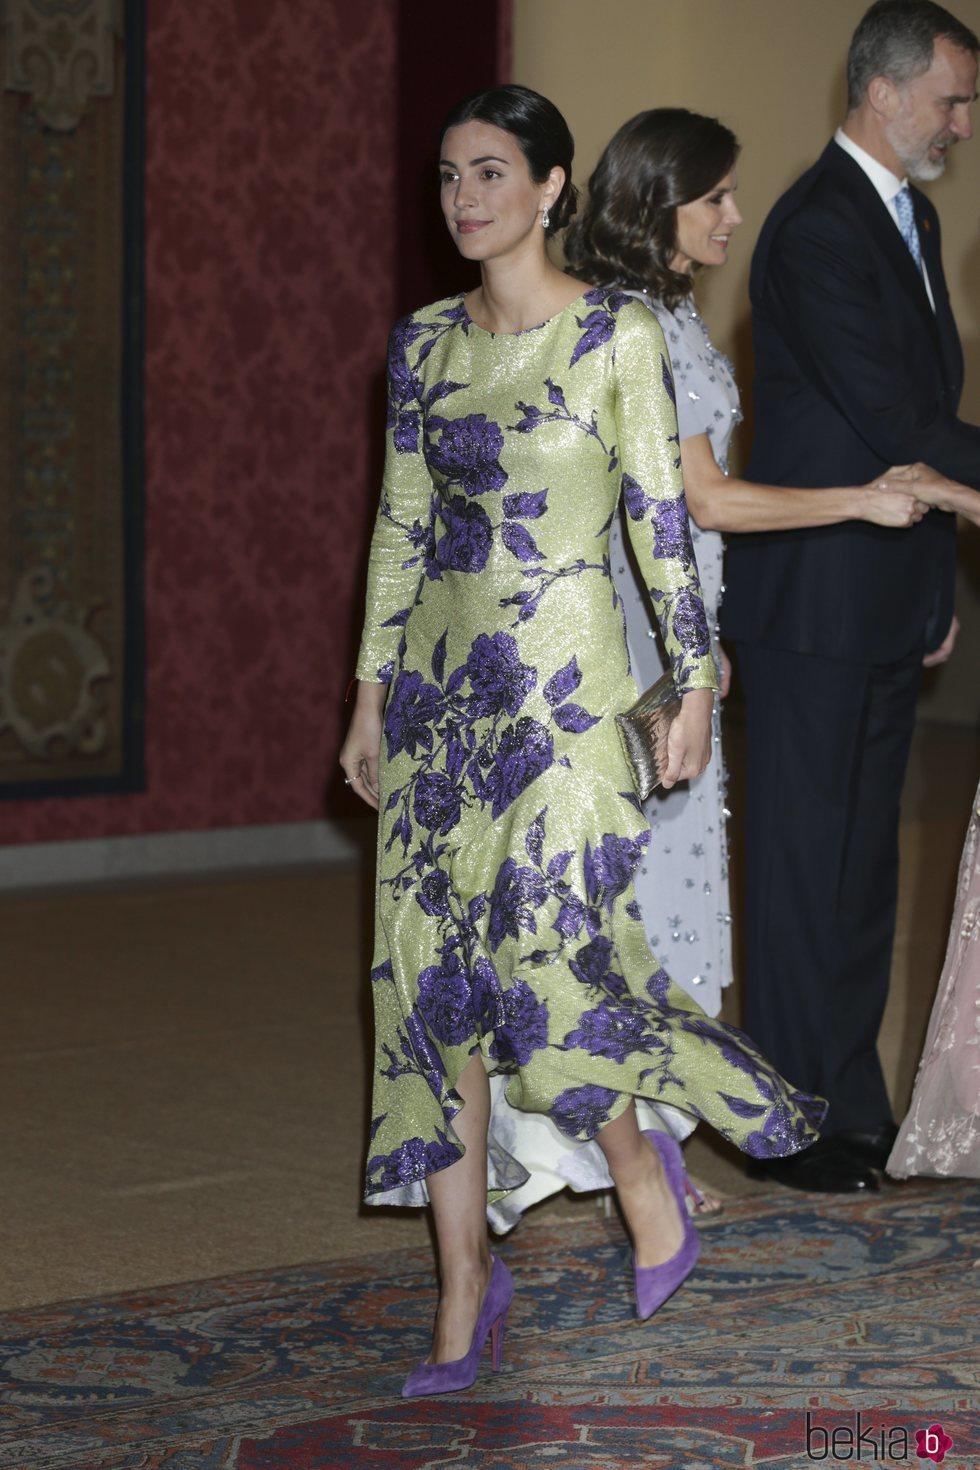 Alessandra de Osma tras saludar a los Reyes Felipe y Letizia en la cena por la Visita de Estado del Presidente de Perú, Martín Vizcarra